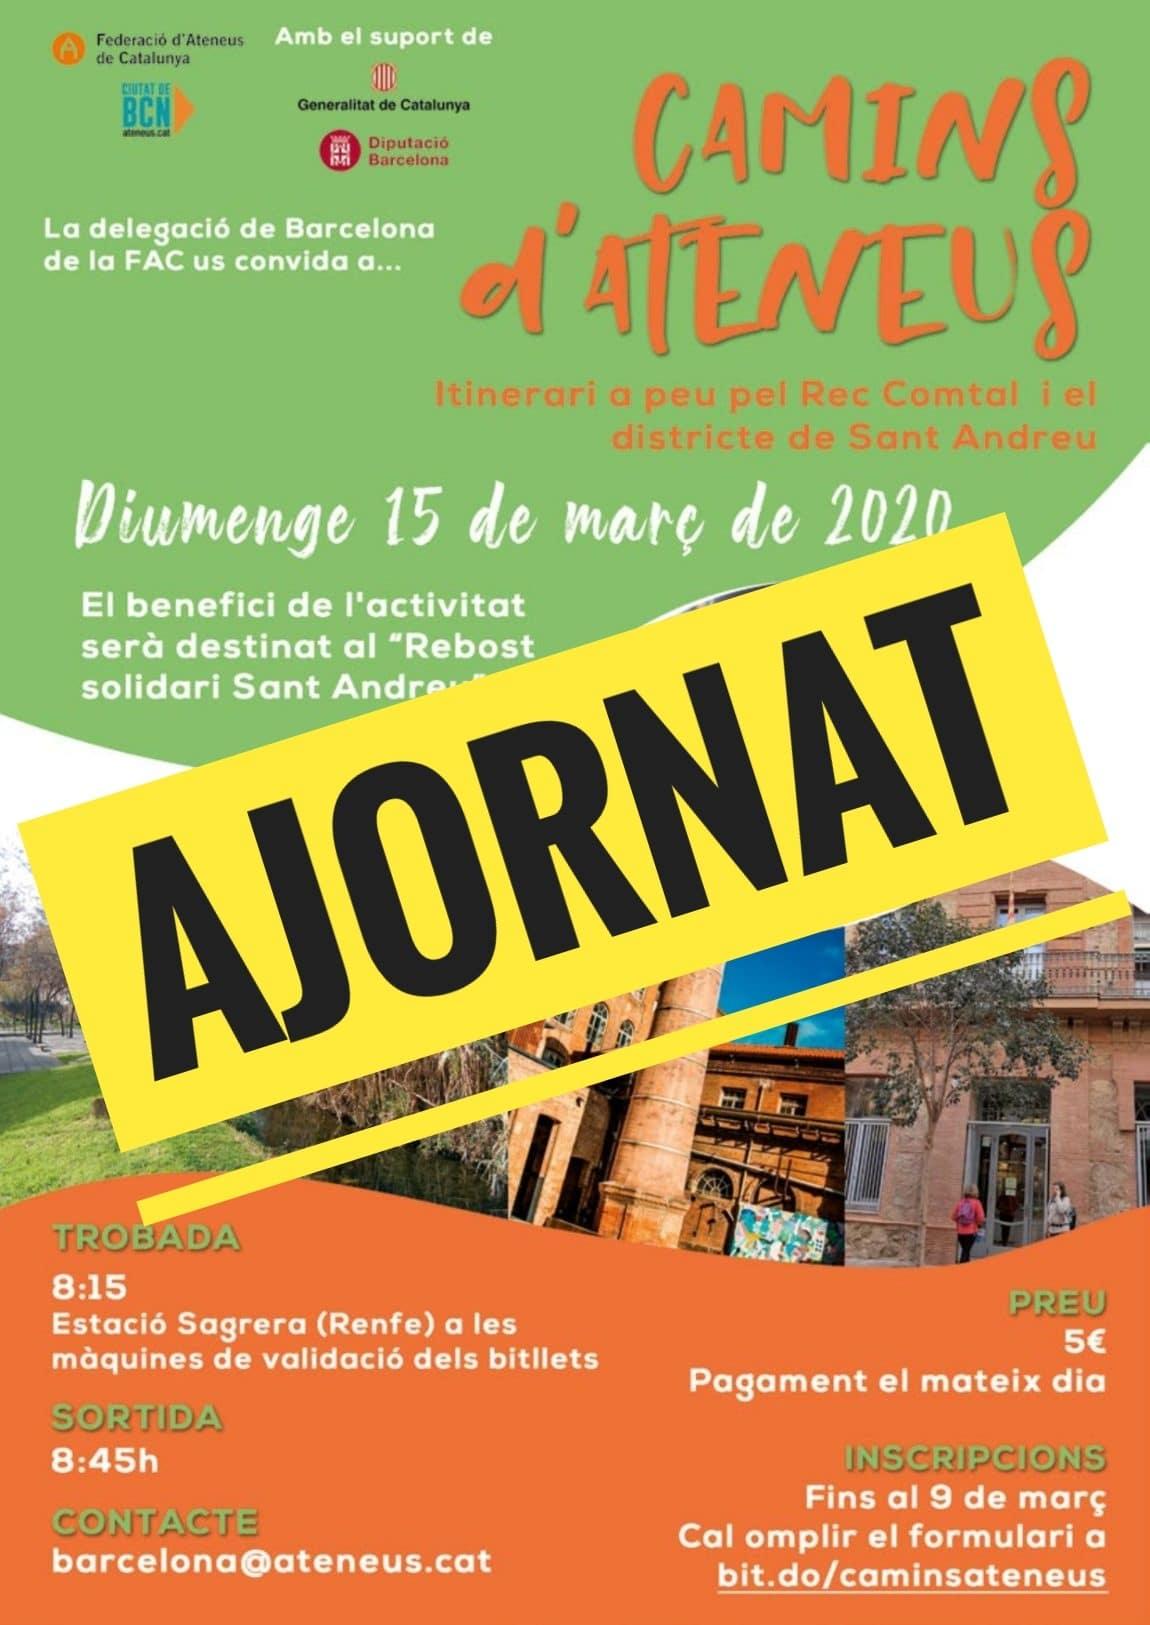 La sortida Camins d'Ateneus prevista per aquest cap de setmana s'ajorna fins el 17 de maig